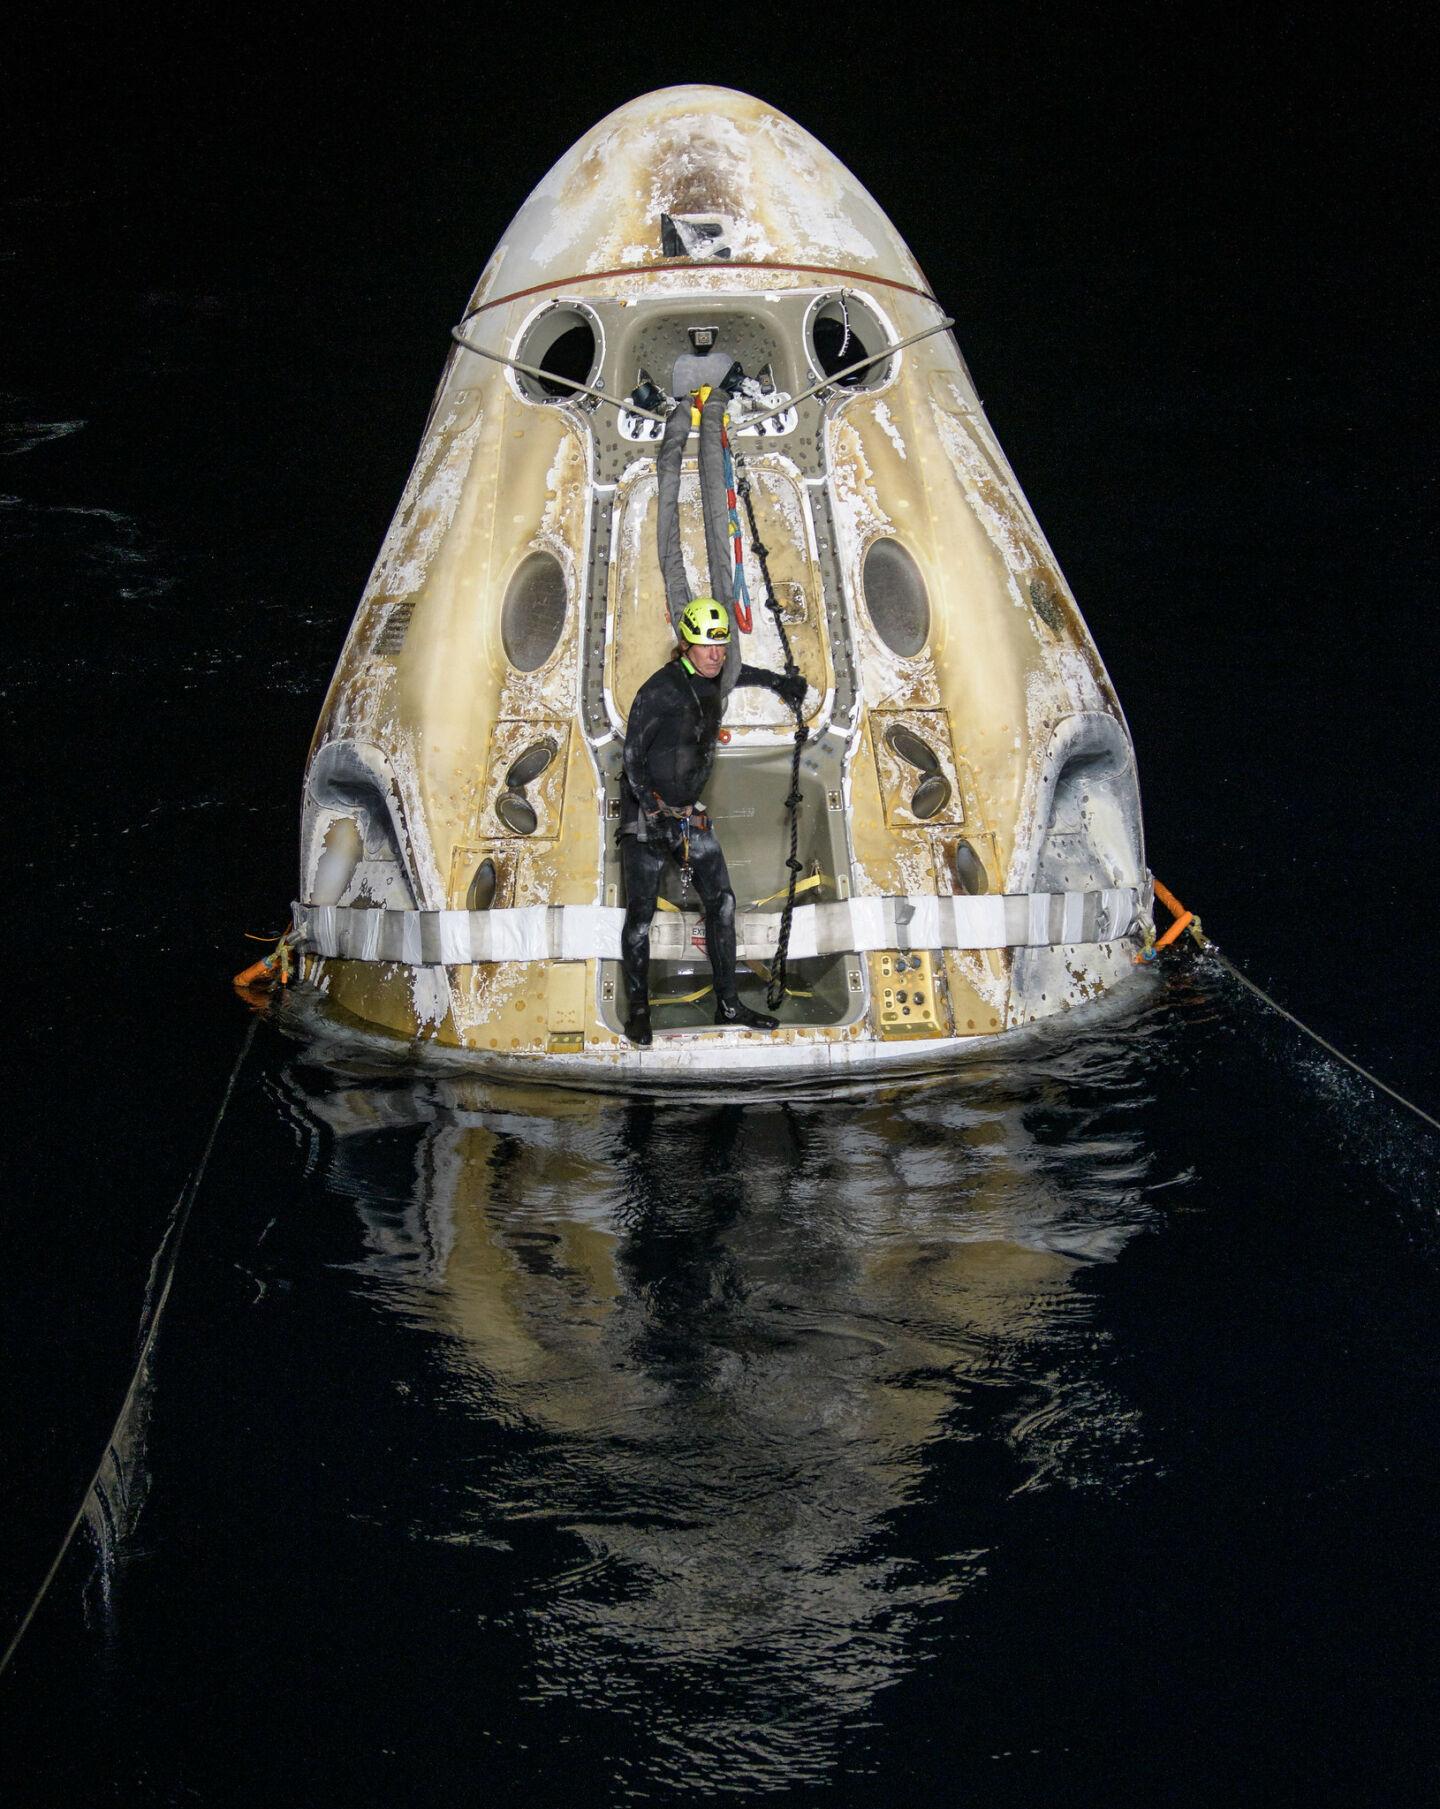 SpaceX использует вернувшийся на Землю корабль Crew Dragon для отправки на орбиту первых космических туристов